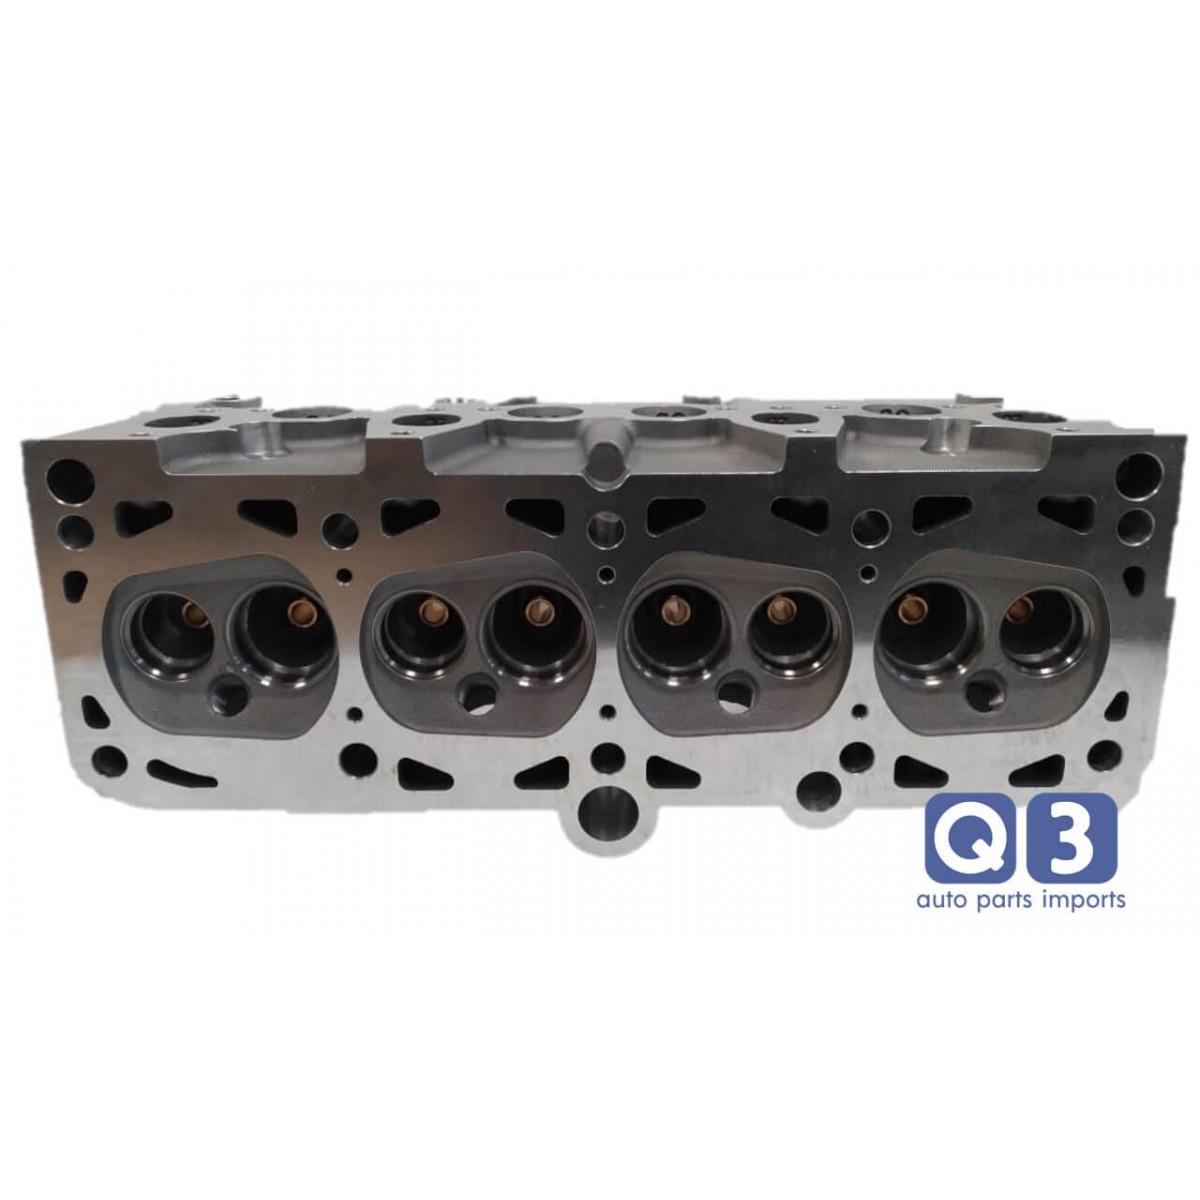 Cabeçote Volkswagen 1.8 8V Motor AP Hidráulico Novo Pronta entrega